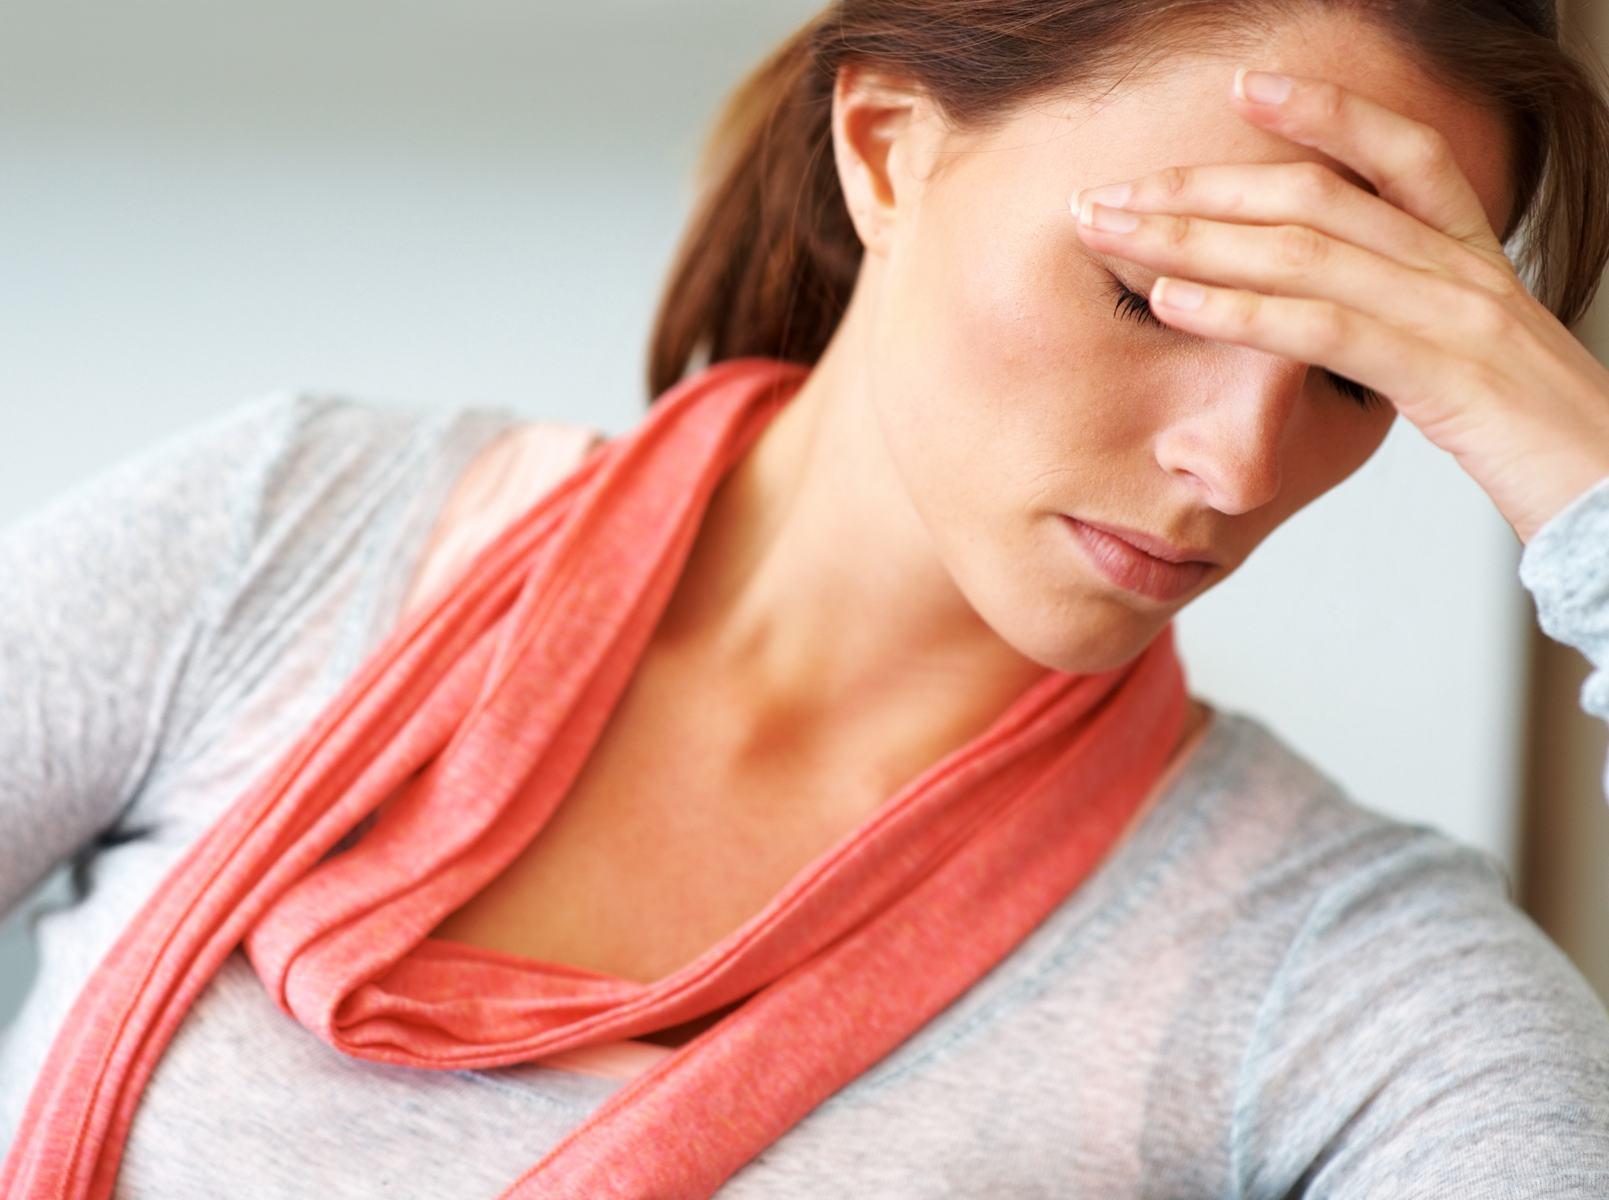 Гипоксемия: причины, симптомы и лечение опасного состояния